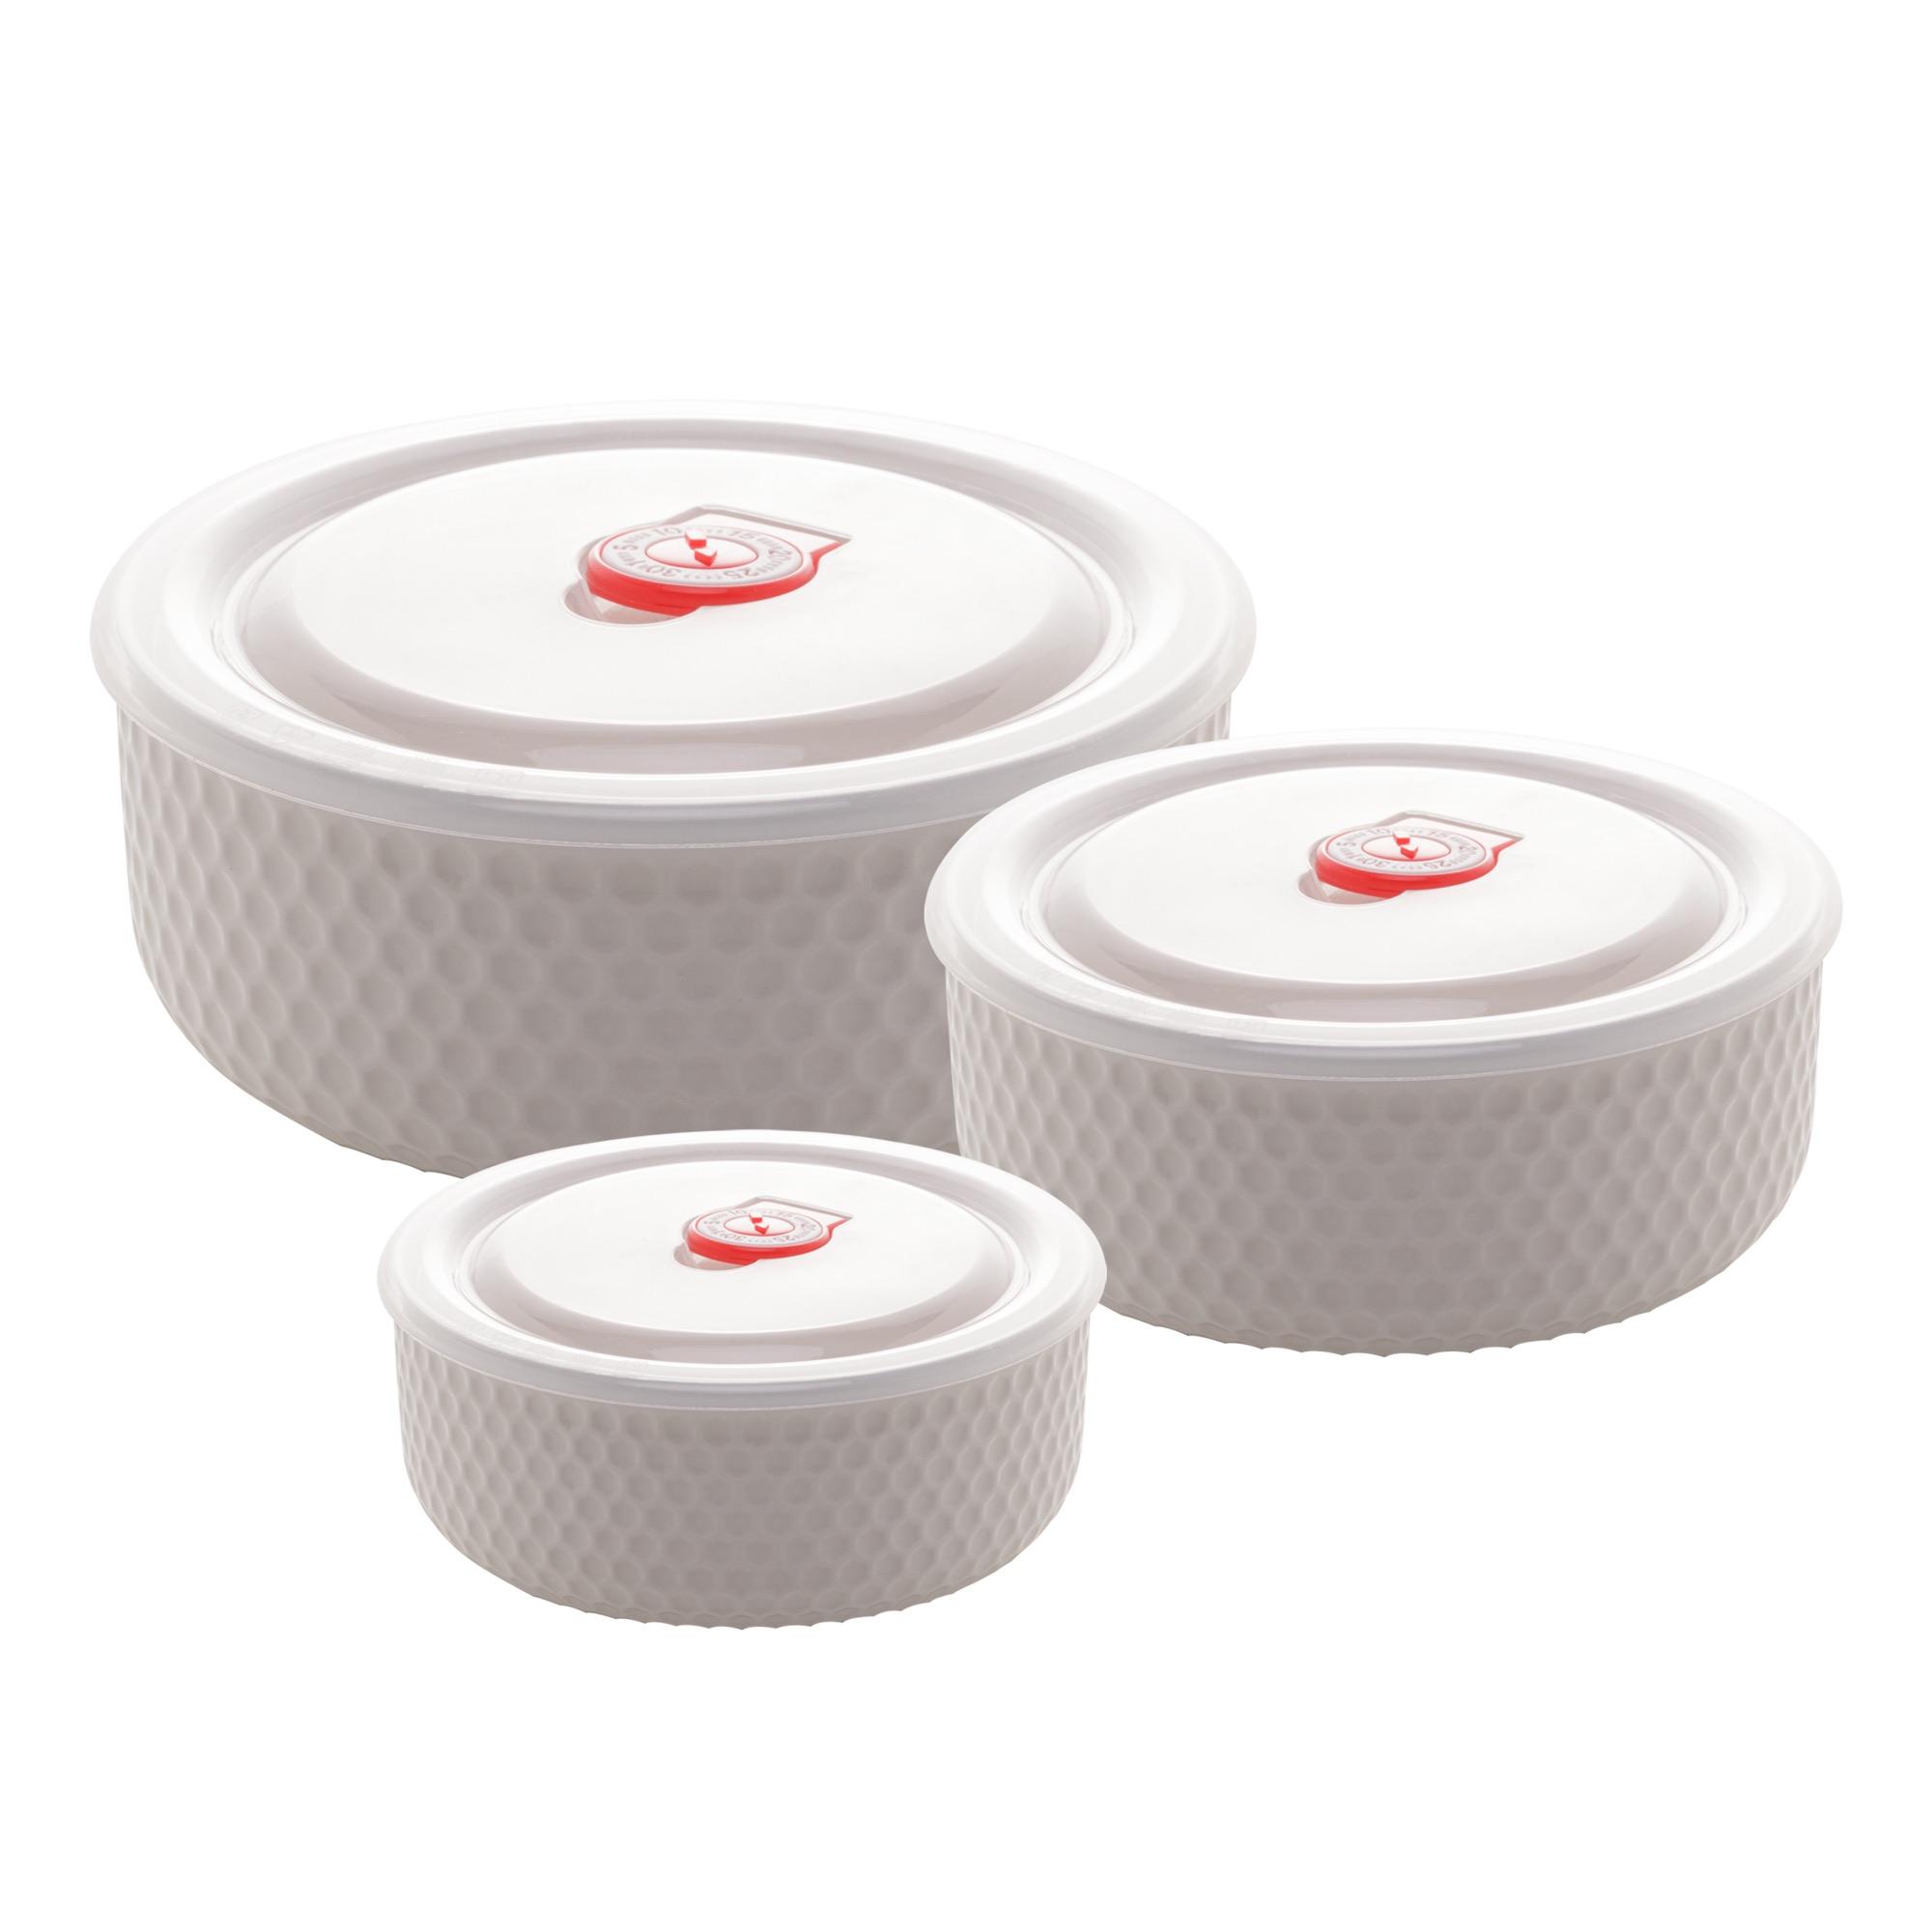 Cj 3 Refratários Bowls de Porcelana New Bone com Tampa de plástico Siena Branco - 900ml / 600ml / 300ml